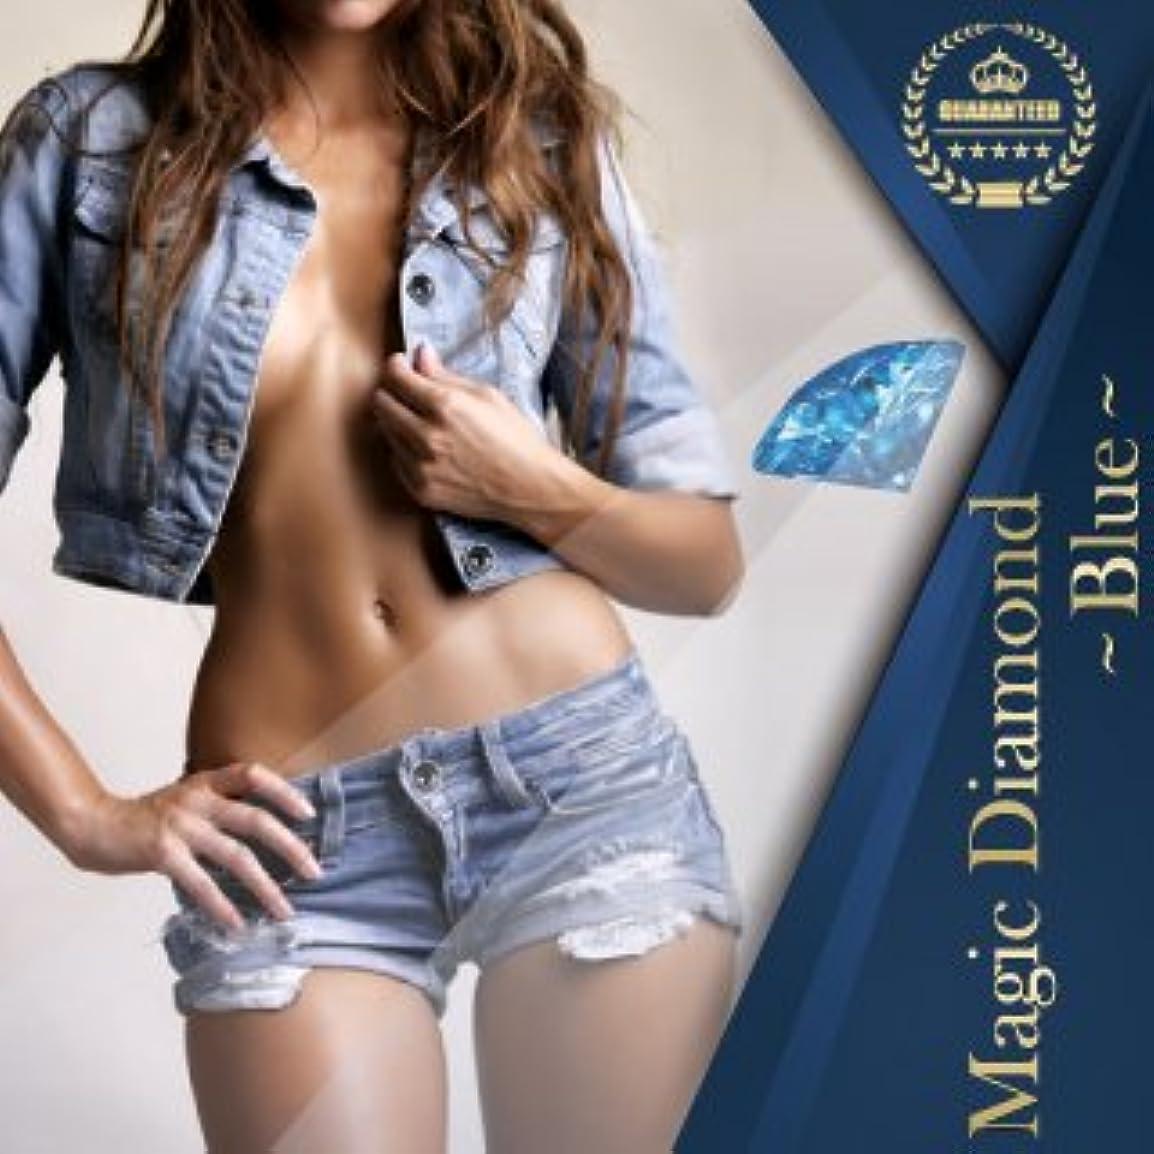 合唱団プライム石膏Magic Diamond Blue マジックダイアモンドブルー 3個セット